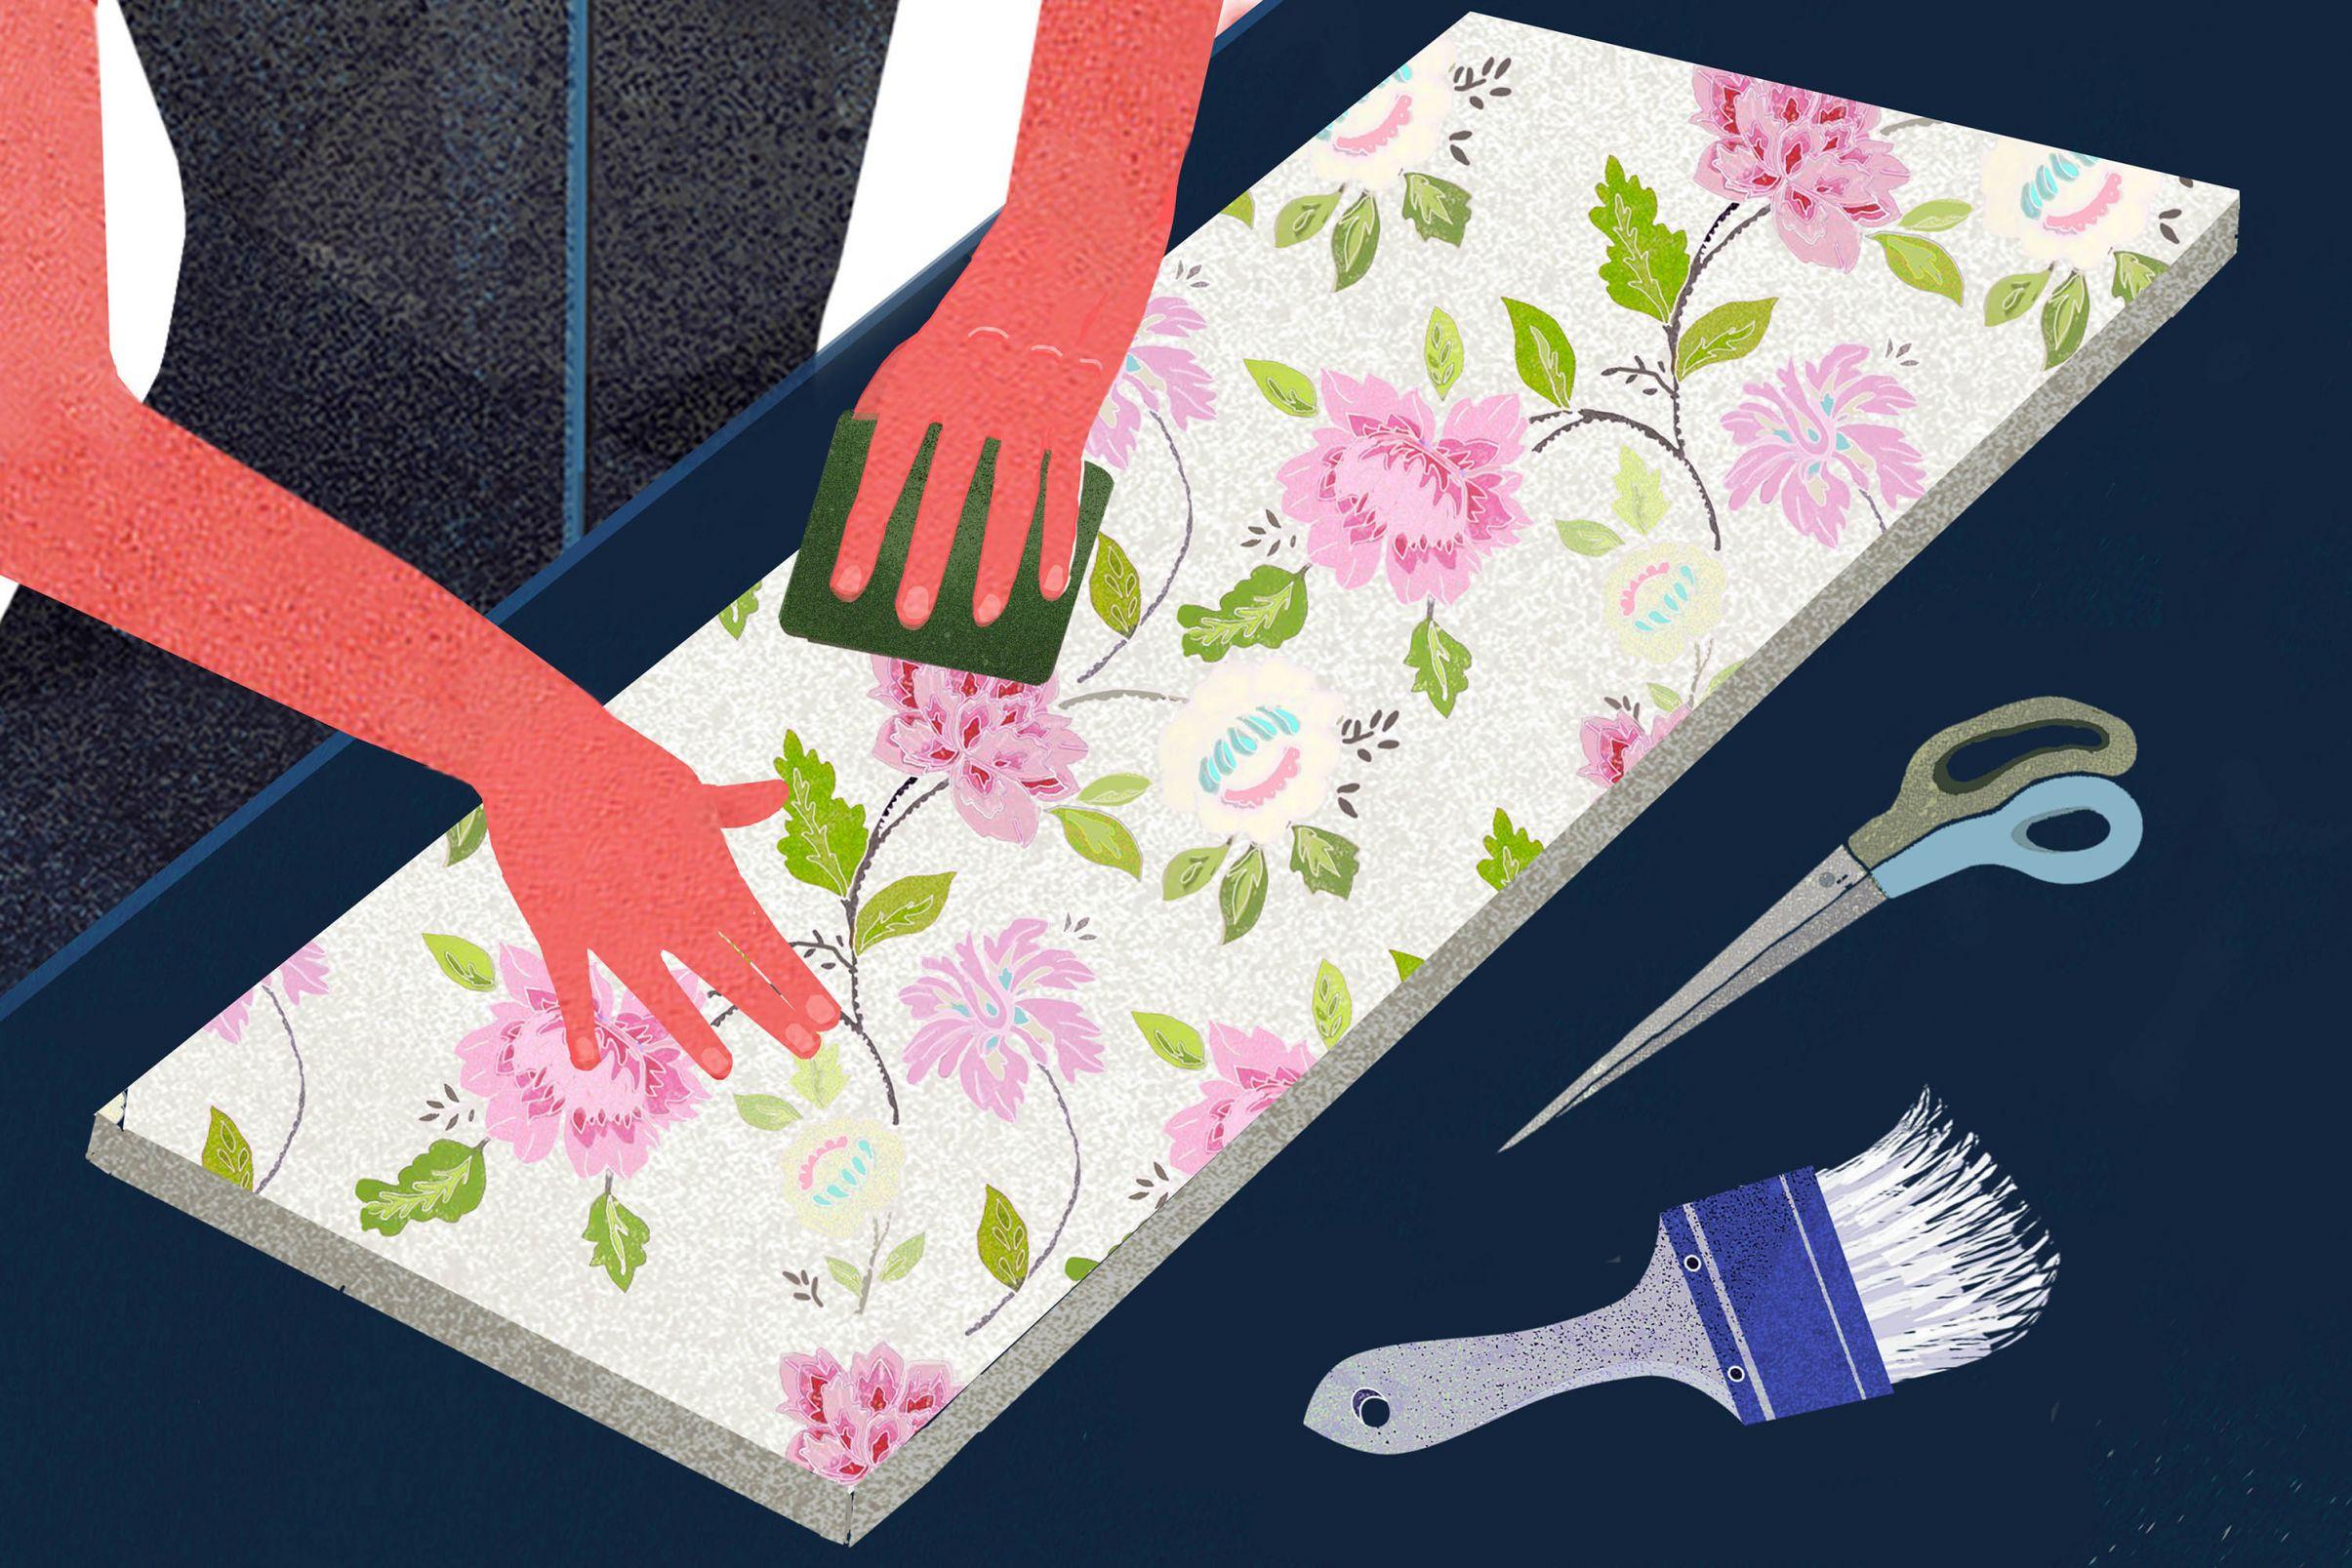 Como-decorar-mobilia-com-papel-de-parede-Cortar-previamente-o-papel-de-parede-e-aplicar